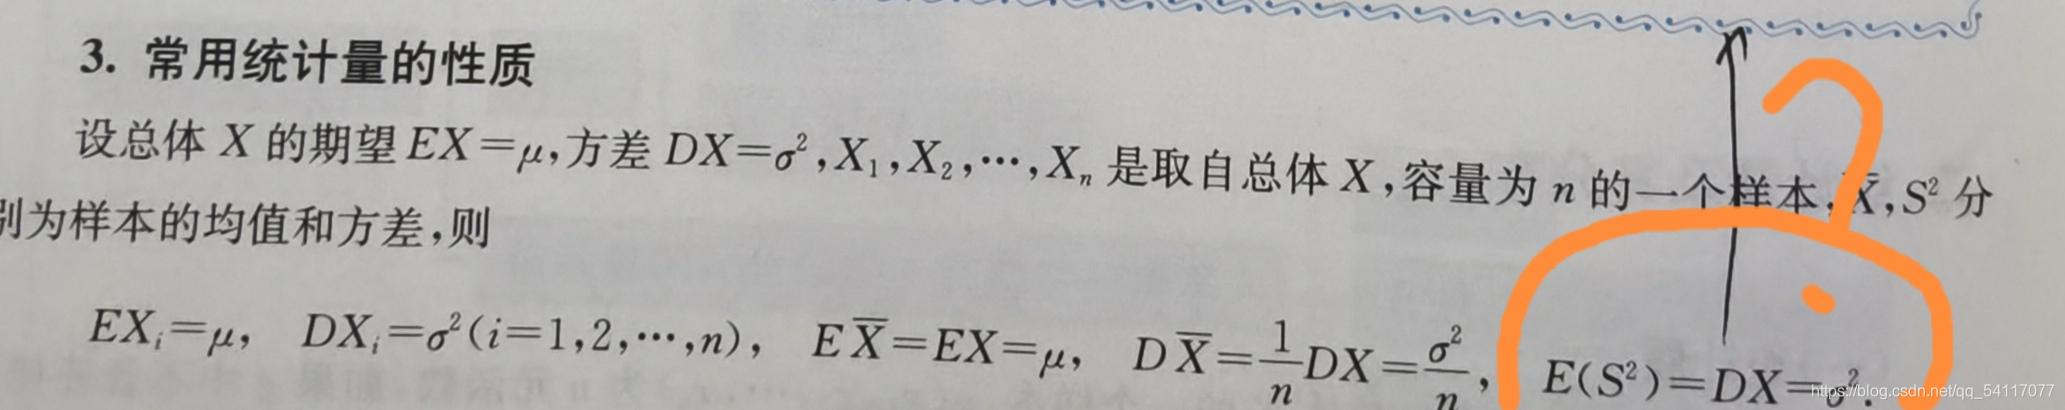 试推导取自总体X(期望为μ,方差为σ^2)的样本X1,X2...Xn的样本方差S^2的期望